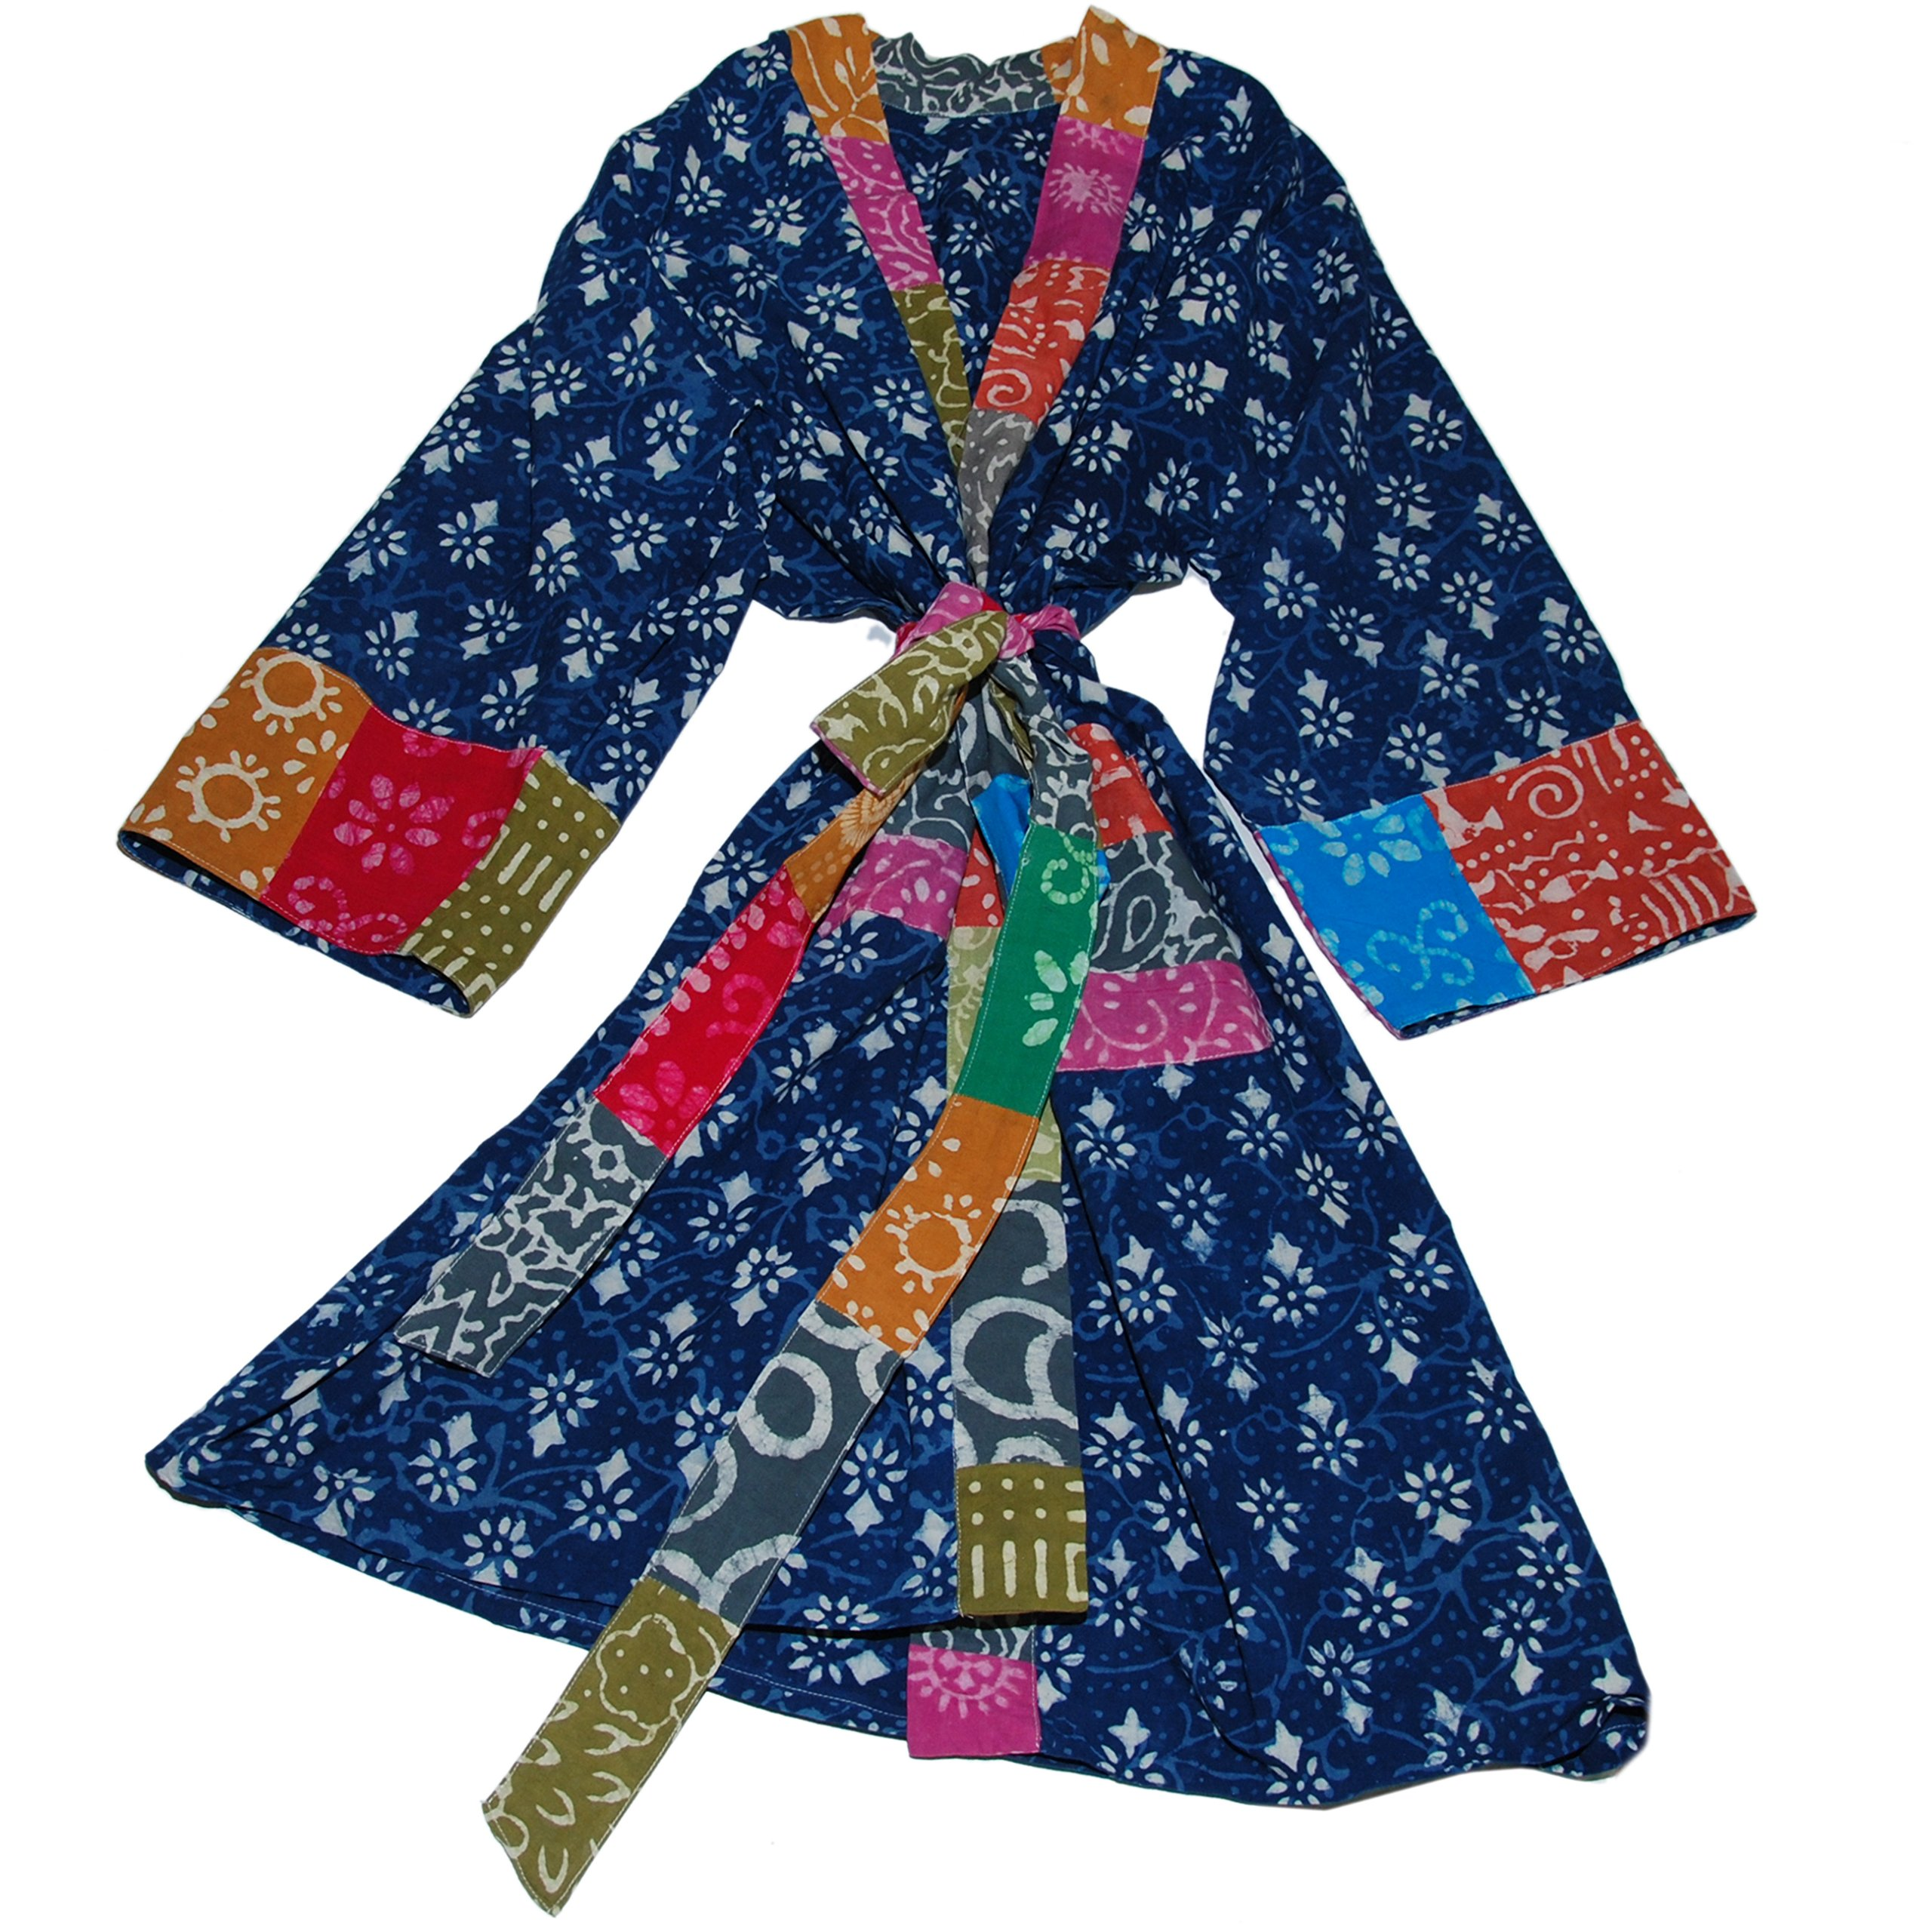 642bd44e3 Art Studio Company Batik Block Print Cotton Robe Long